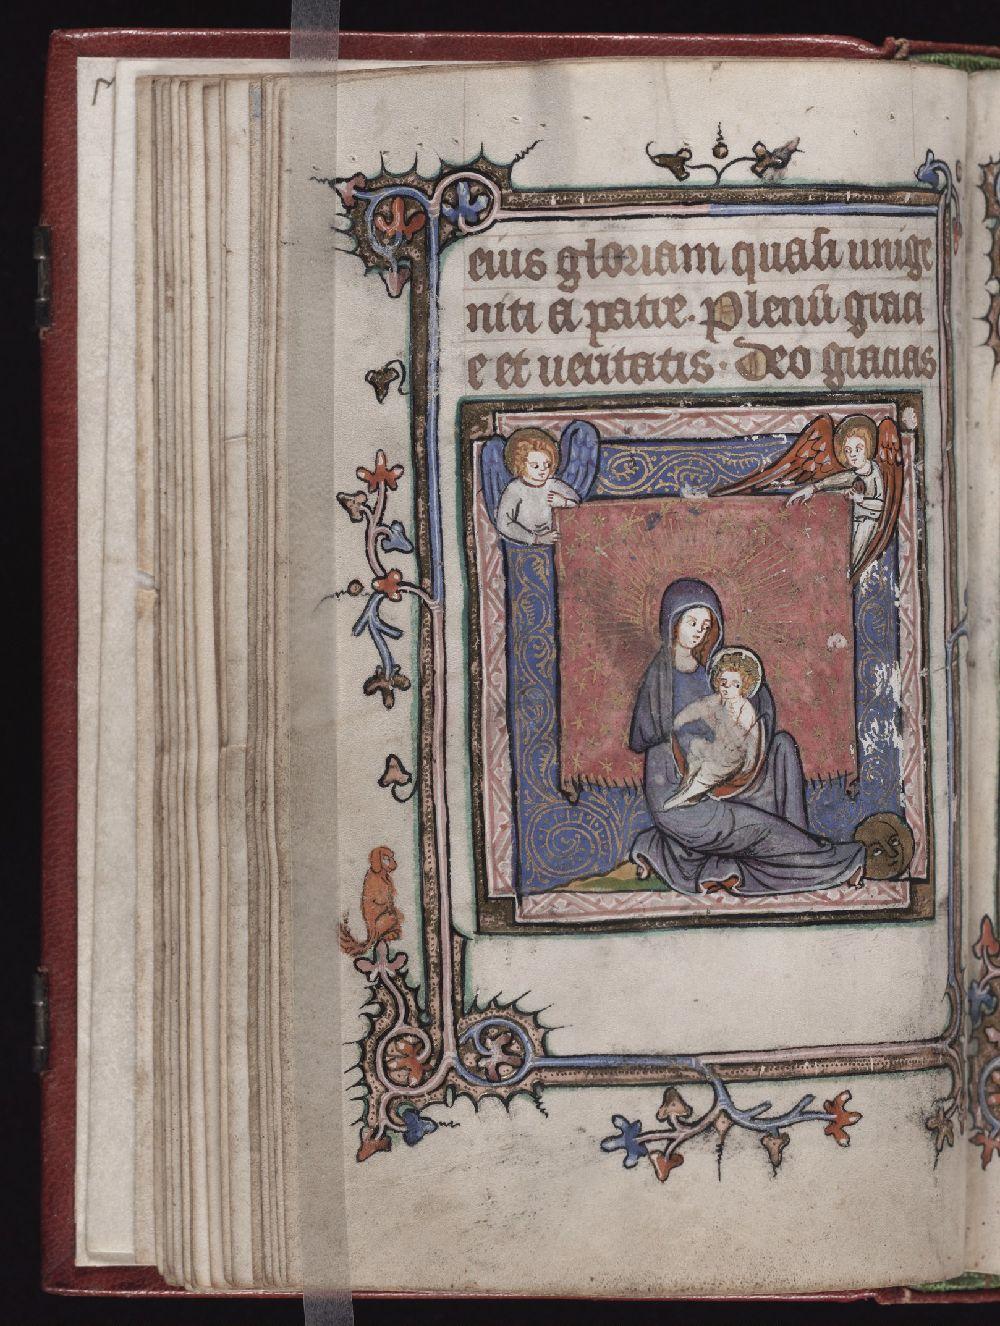 1350-1400 Yale University Library MS 657 fol 20v